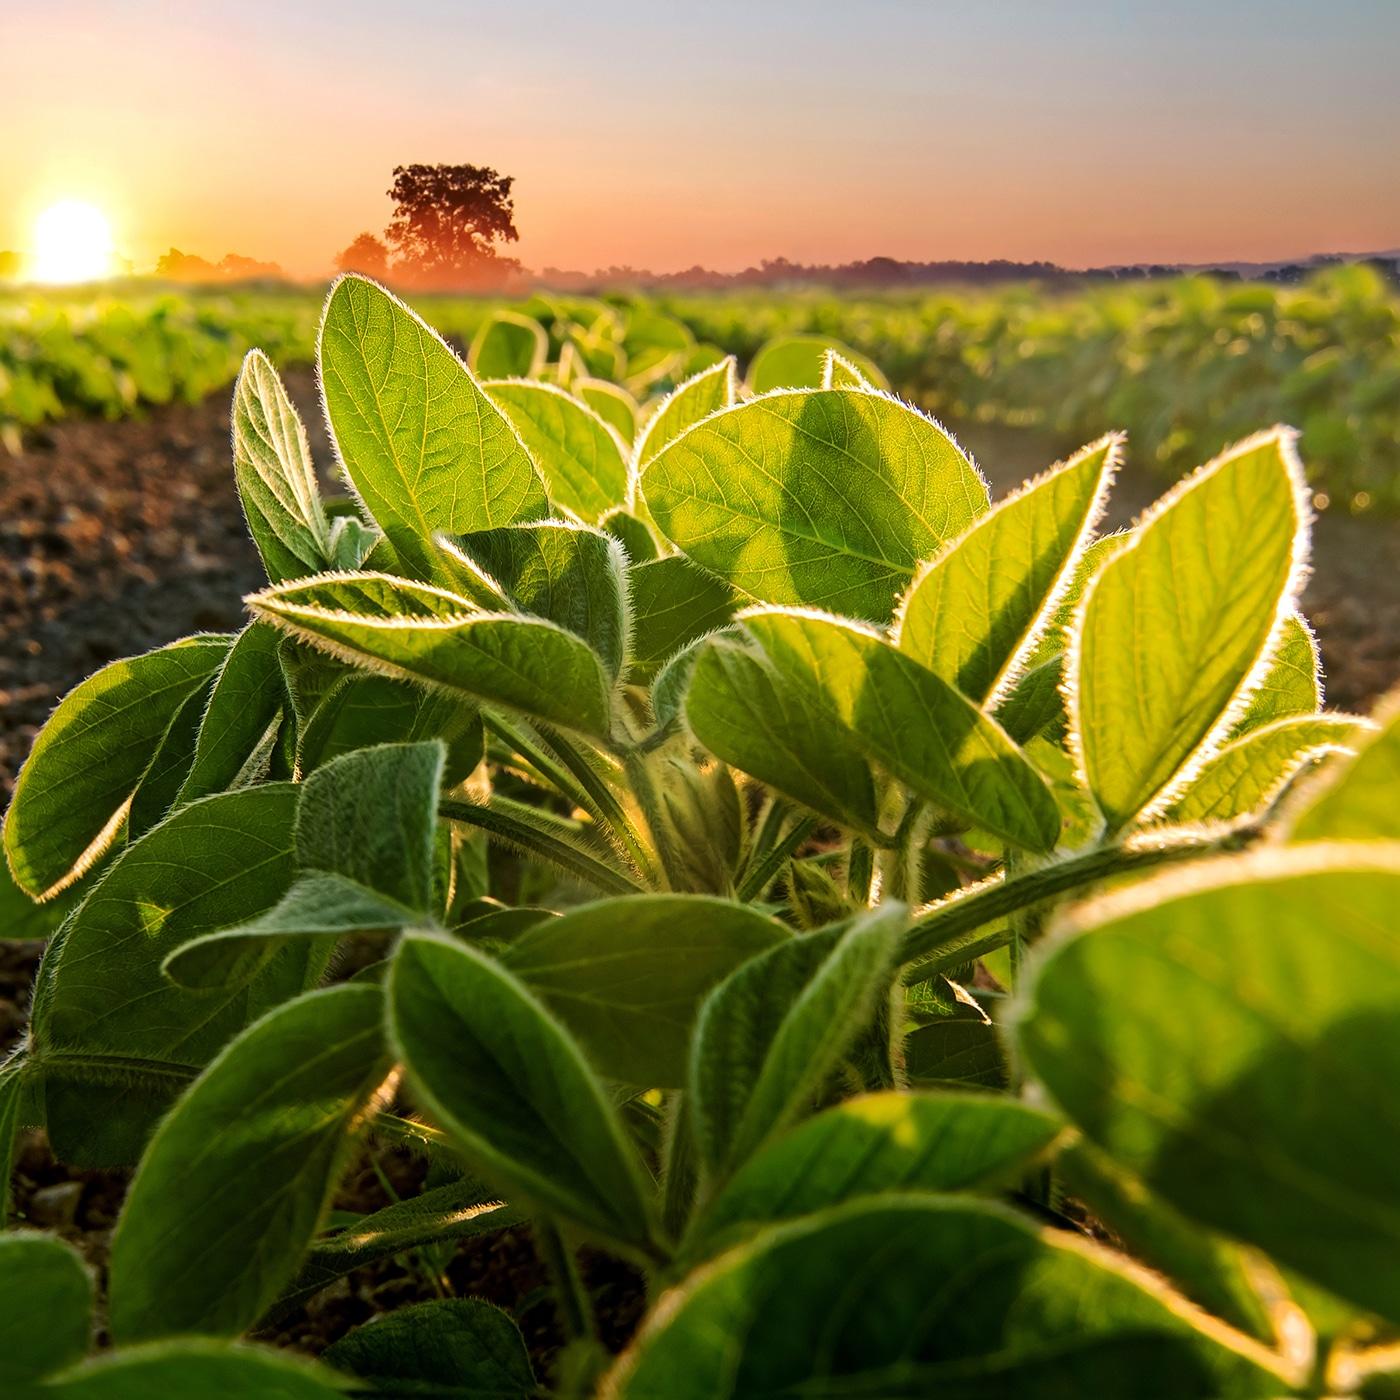 SOJA-SAATGUT: Keimfähigkeiten von über 90 % – alles für Ihren Ertrag!